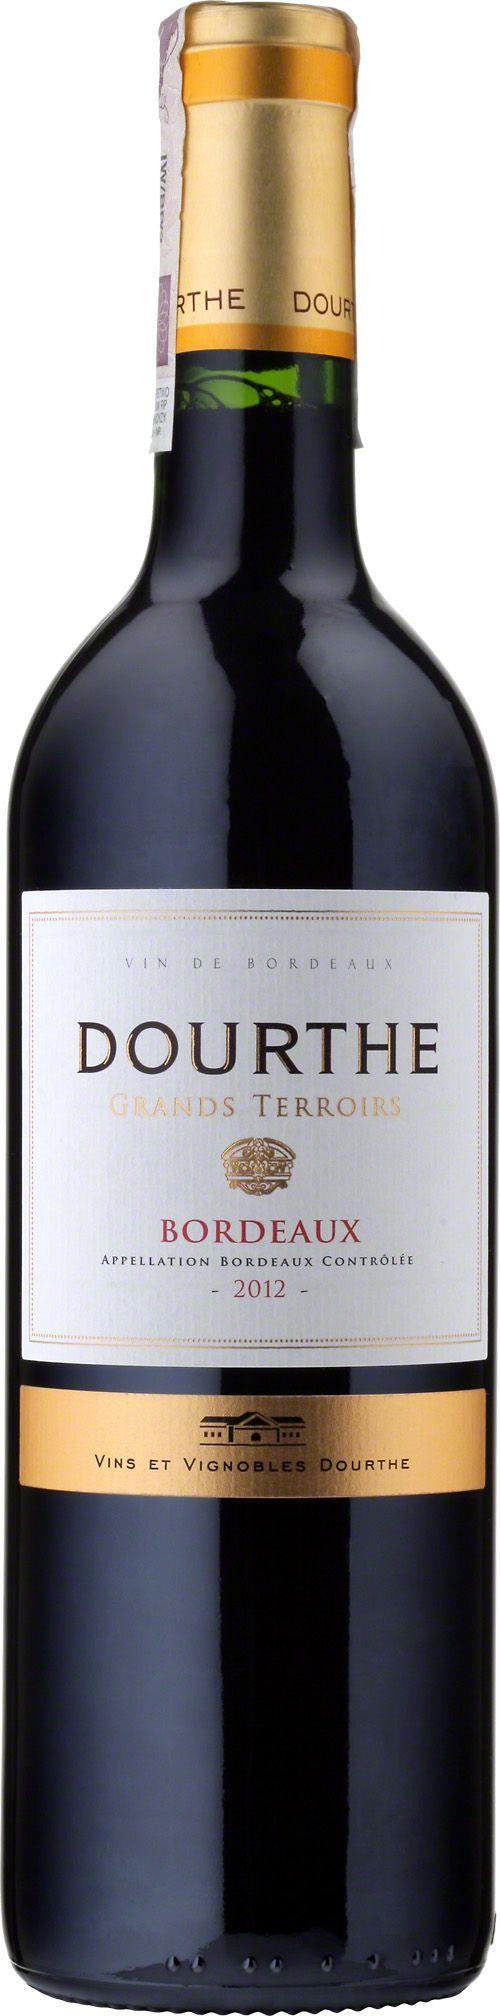 Grand Terroirs Bordeaux A.O.C. Doskonałe wino francuskie z Bordeaux, do produkcji którego wykorzystywane są winogrona merlot i cabernet sauvignon. Posiada czerwoną barwę z granatowymi refleksami. Bukiet ujawnia delikatne aromaty czerwonych owoców. W smaku eleganckie, dobrze wyważone, zaokrąglone z jedwabistymi taninami. Doskonałe do łączenia z wędlinami, wołowiną, wieprzowiną, drobiem, warzywami oraz serami. #Wino #Bordeaux #Winezja